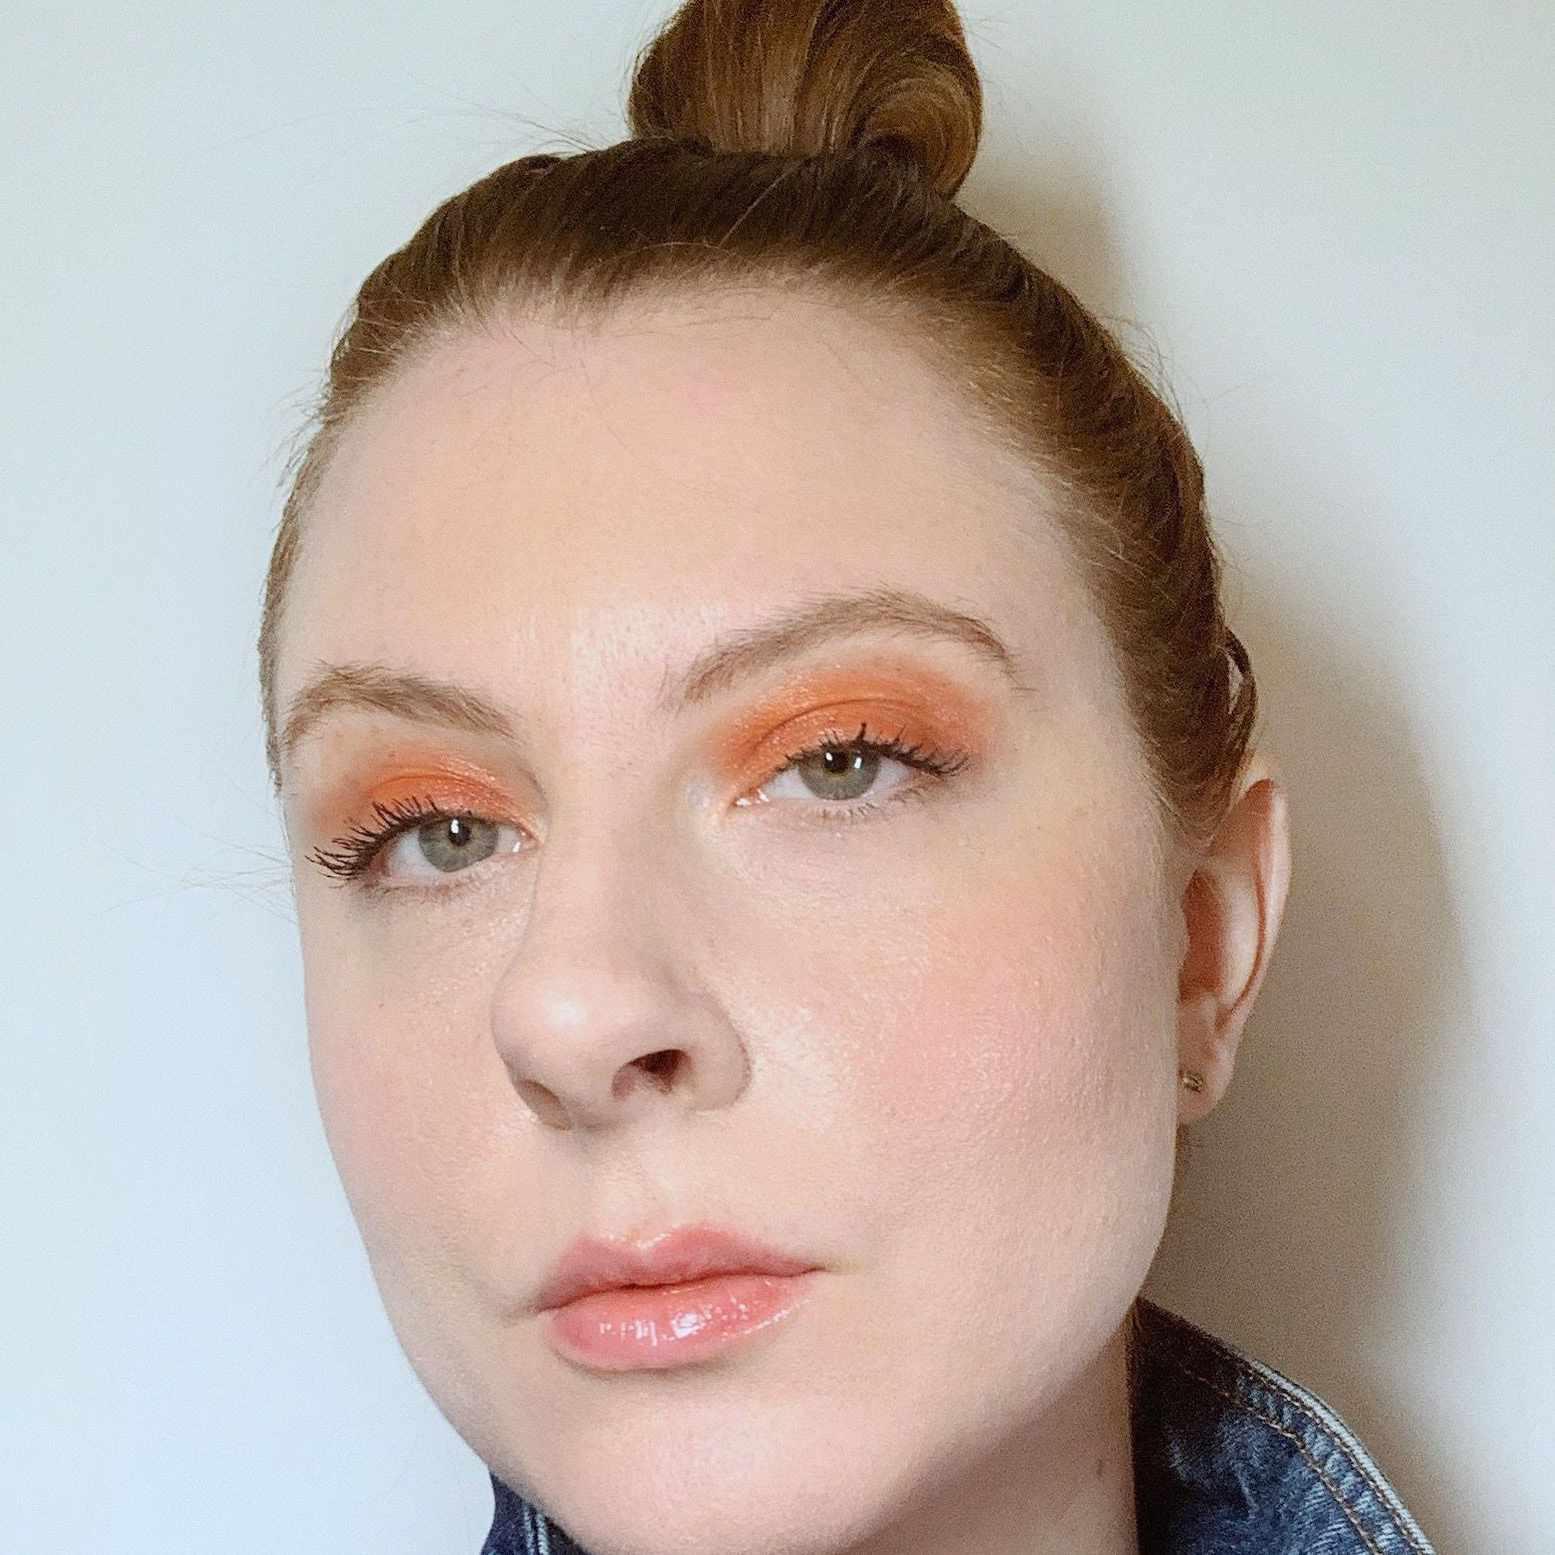 woman wearing simple orange eyeshadow